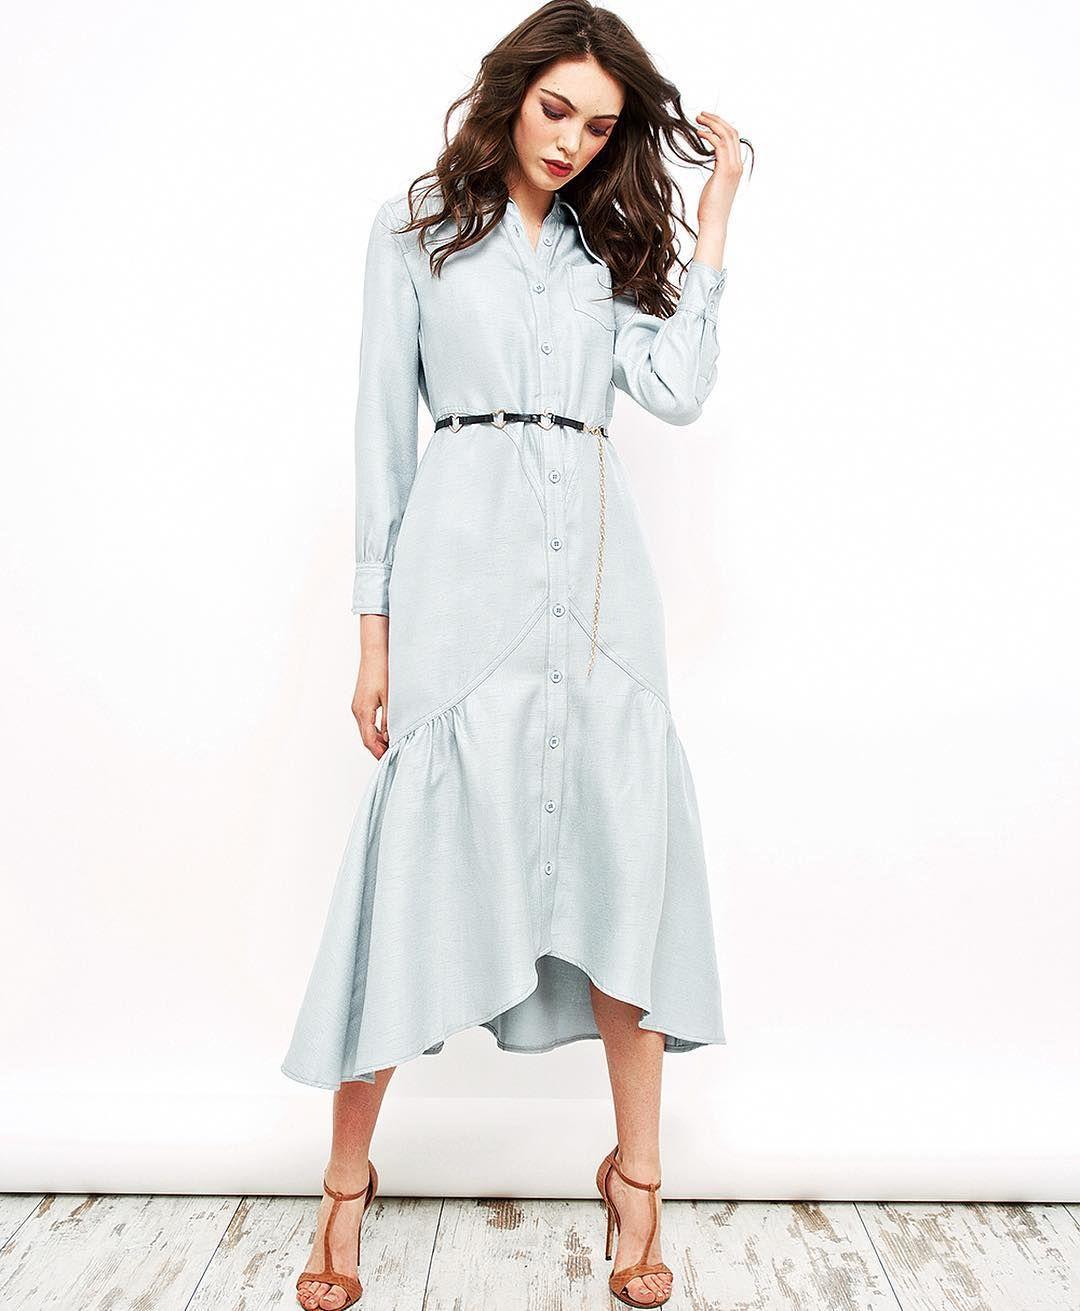 Платье миди из плотного хлопка (также есть в белом и нежно-желтом сливочном цвете). Размер 42/44 Цена 7200₽